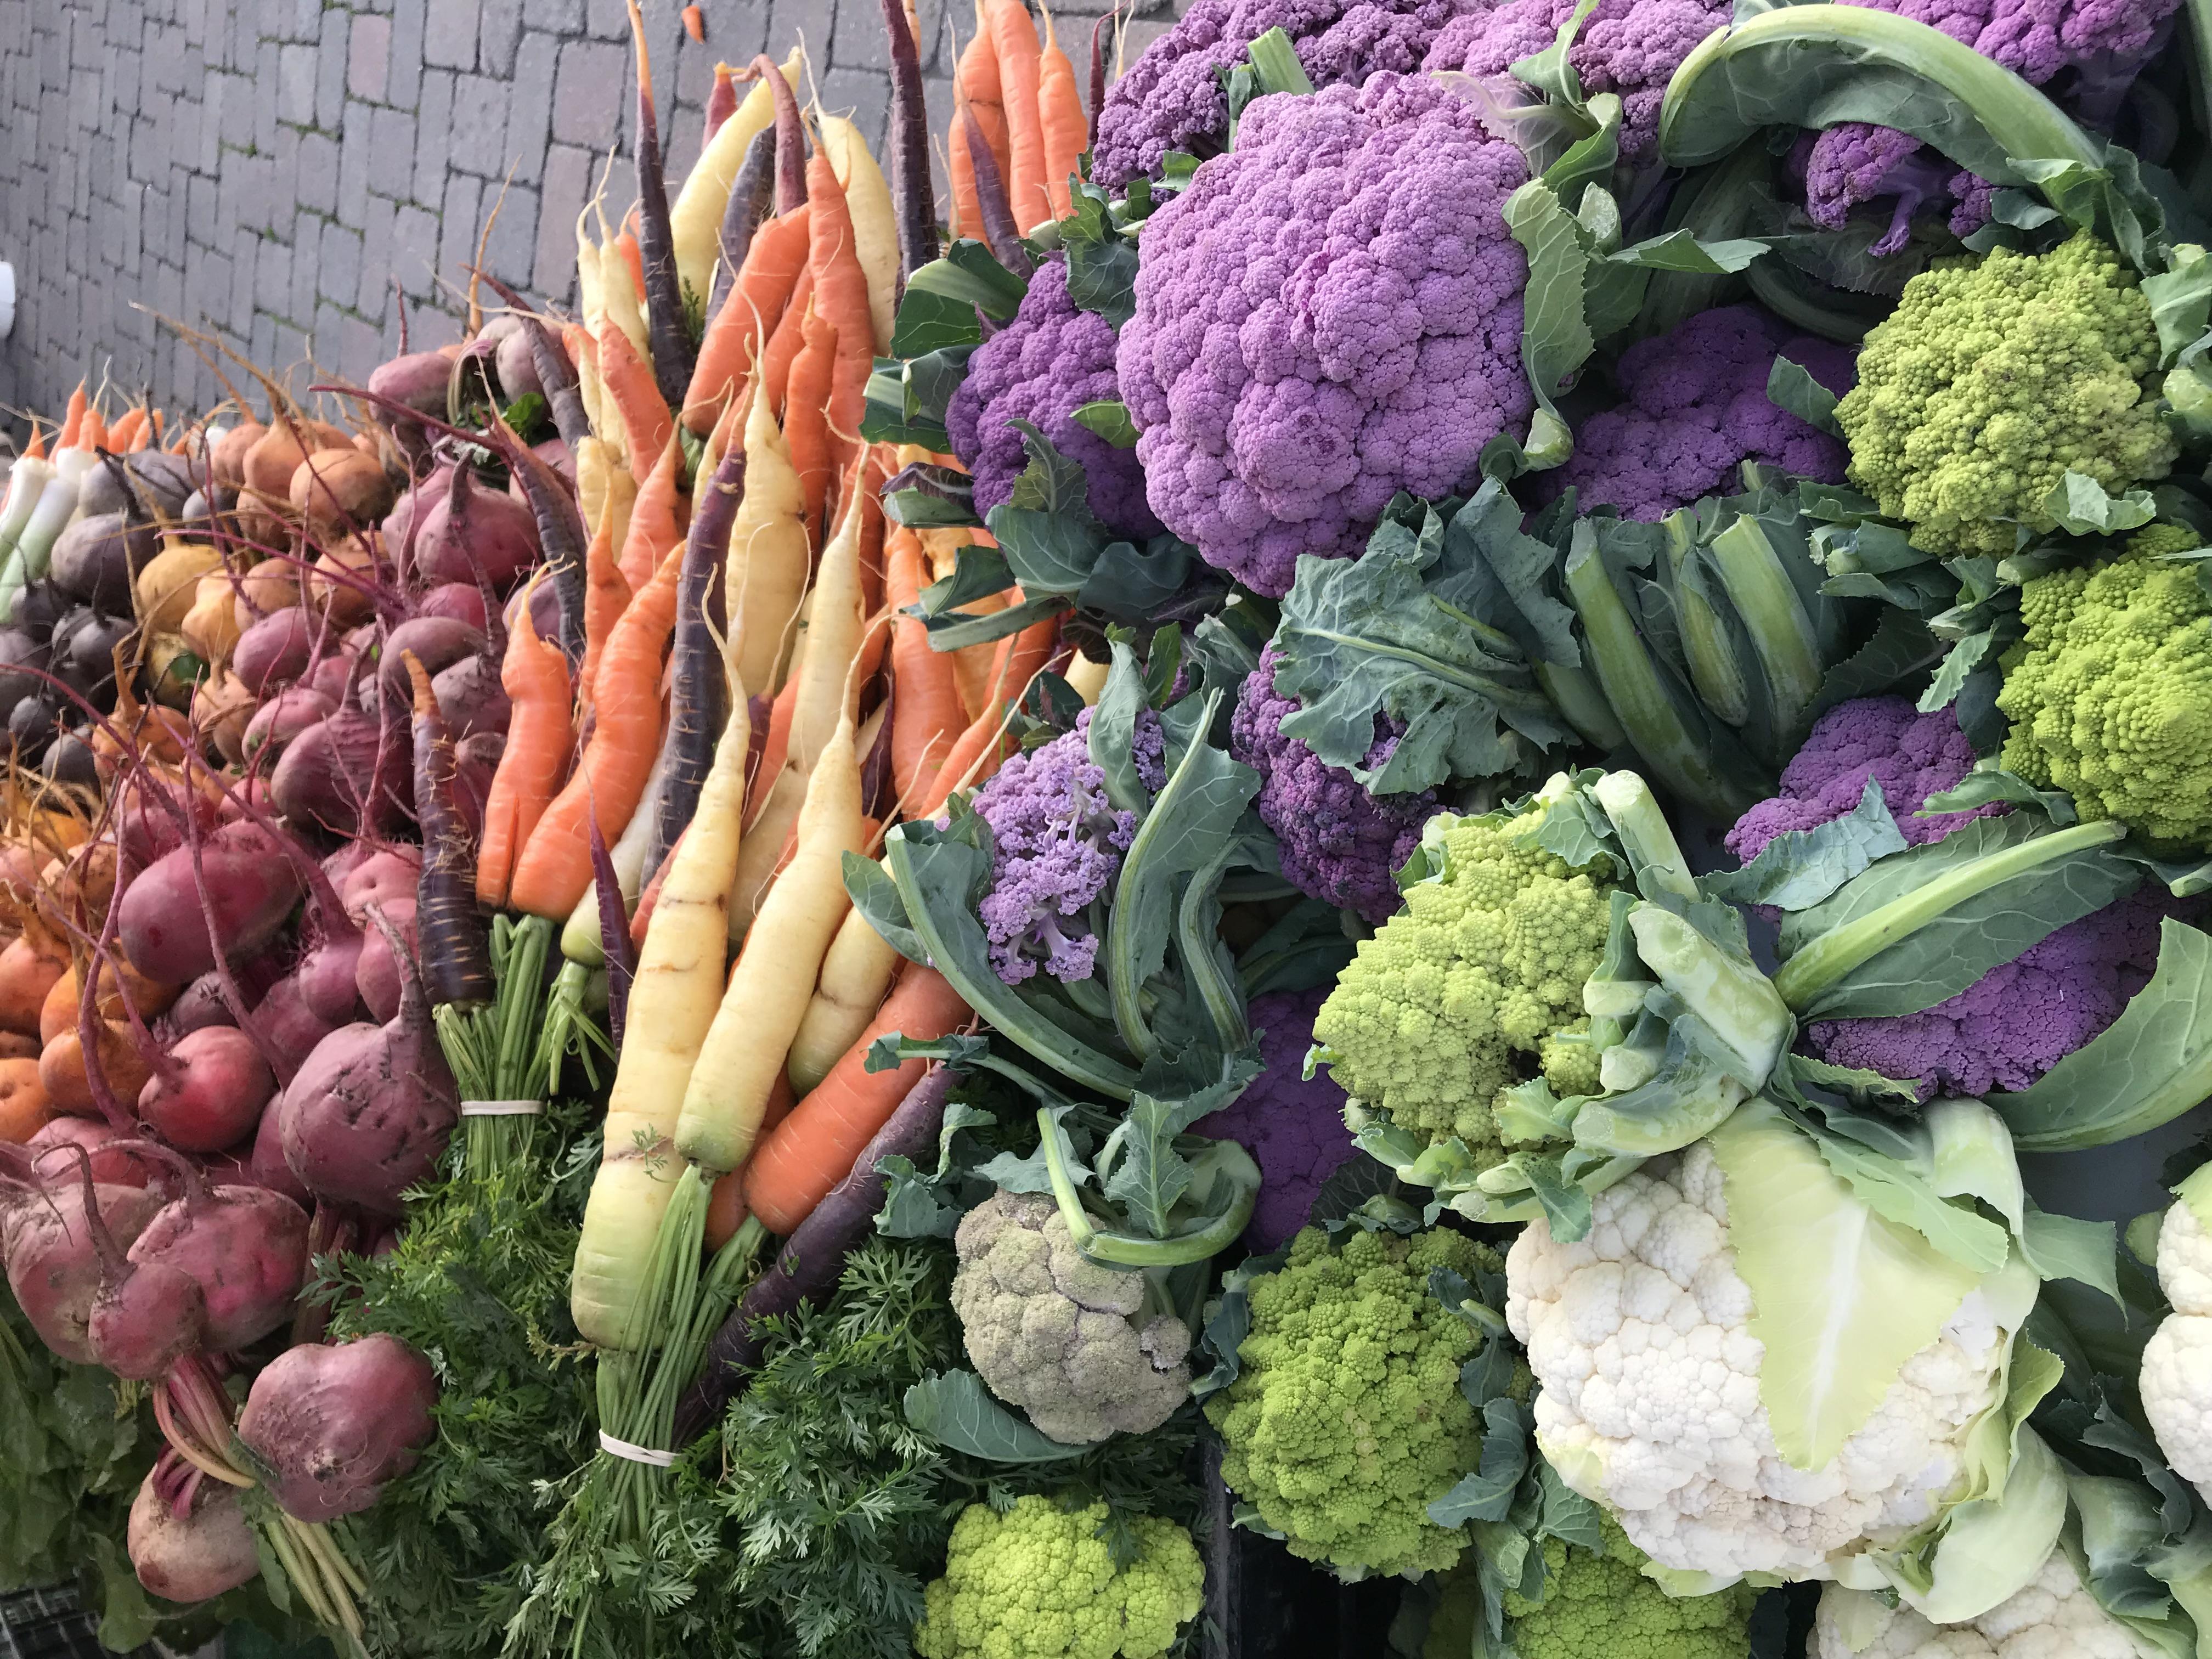 colourful veg